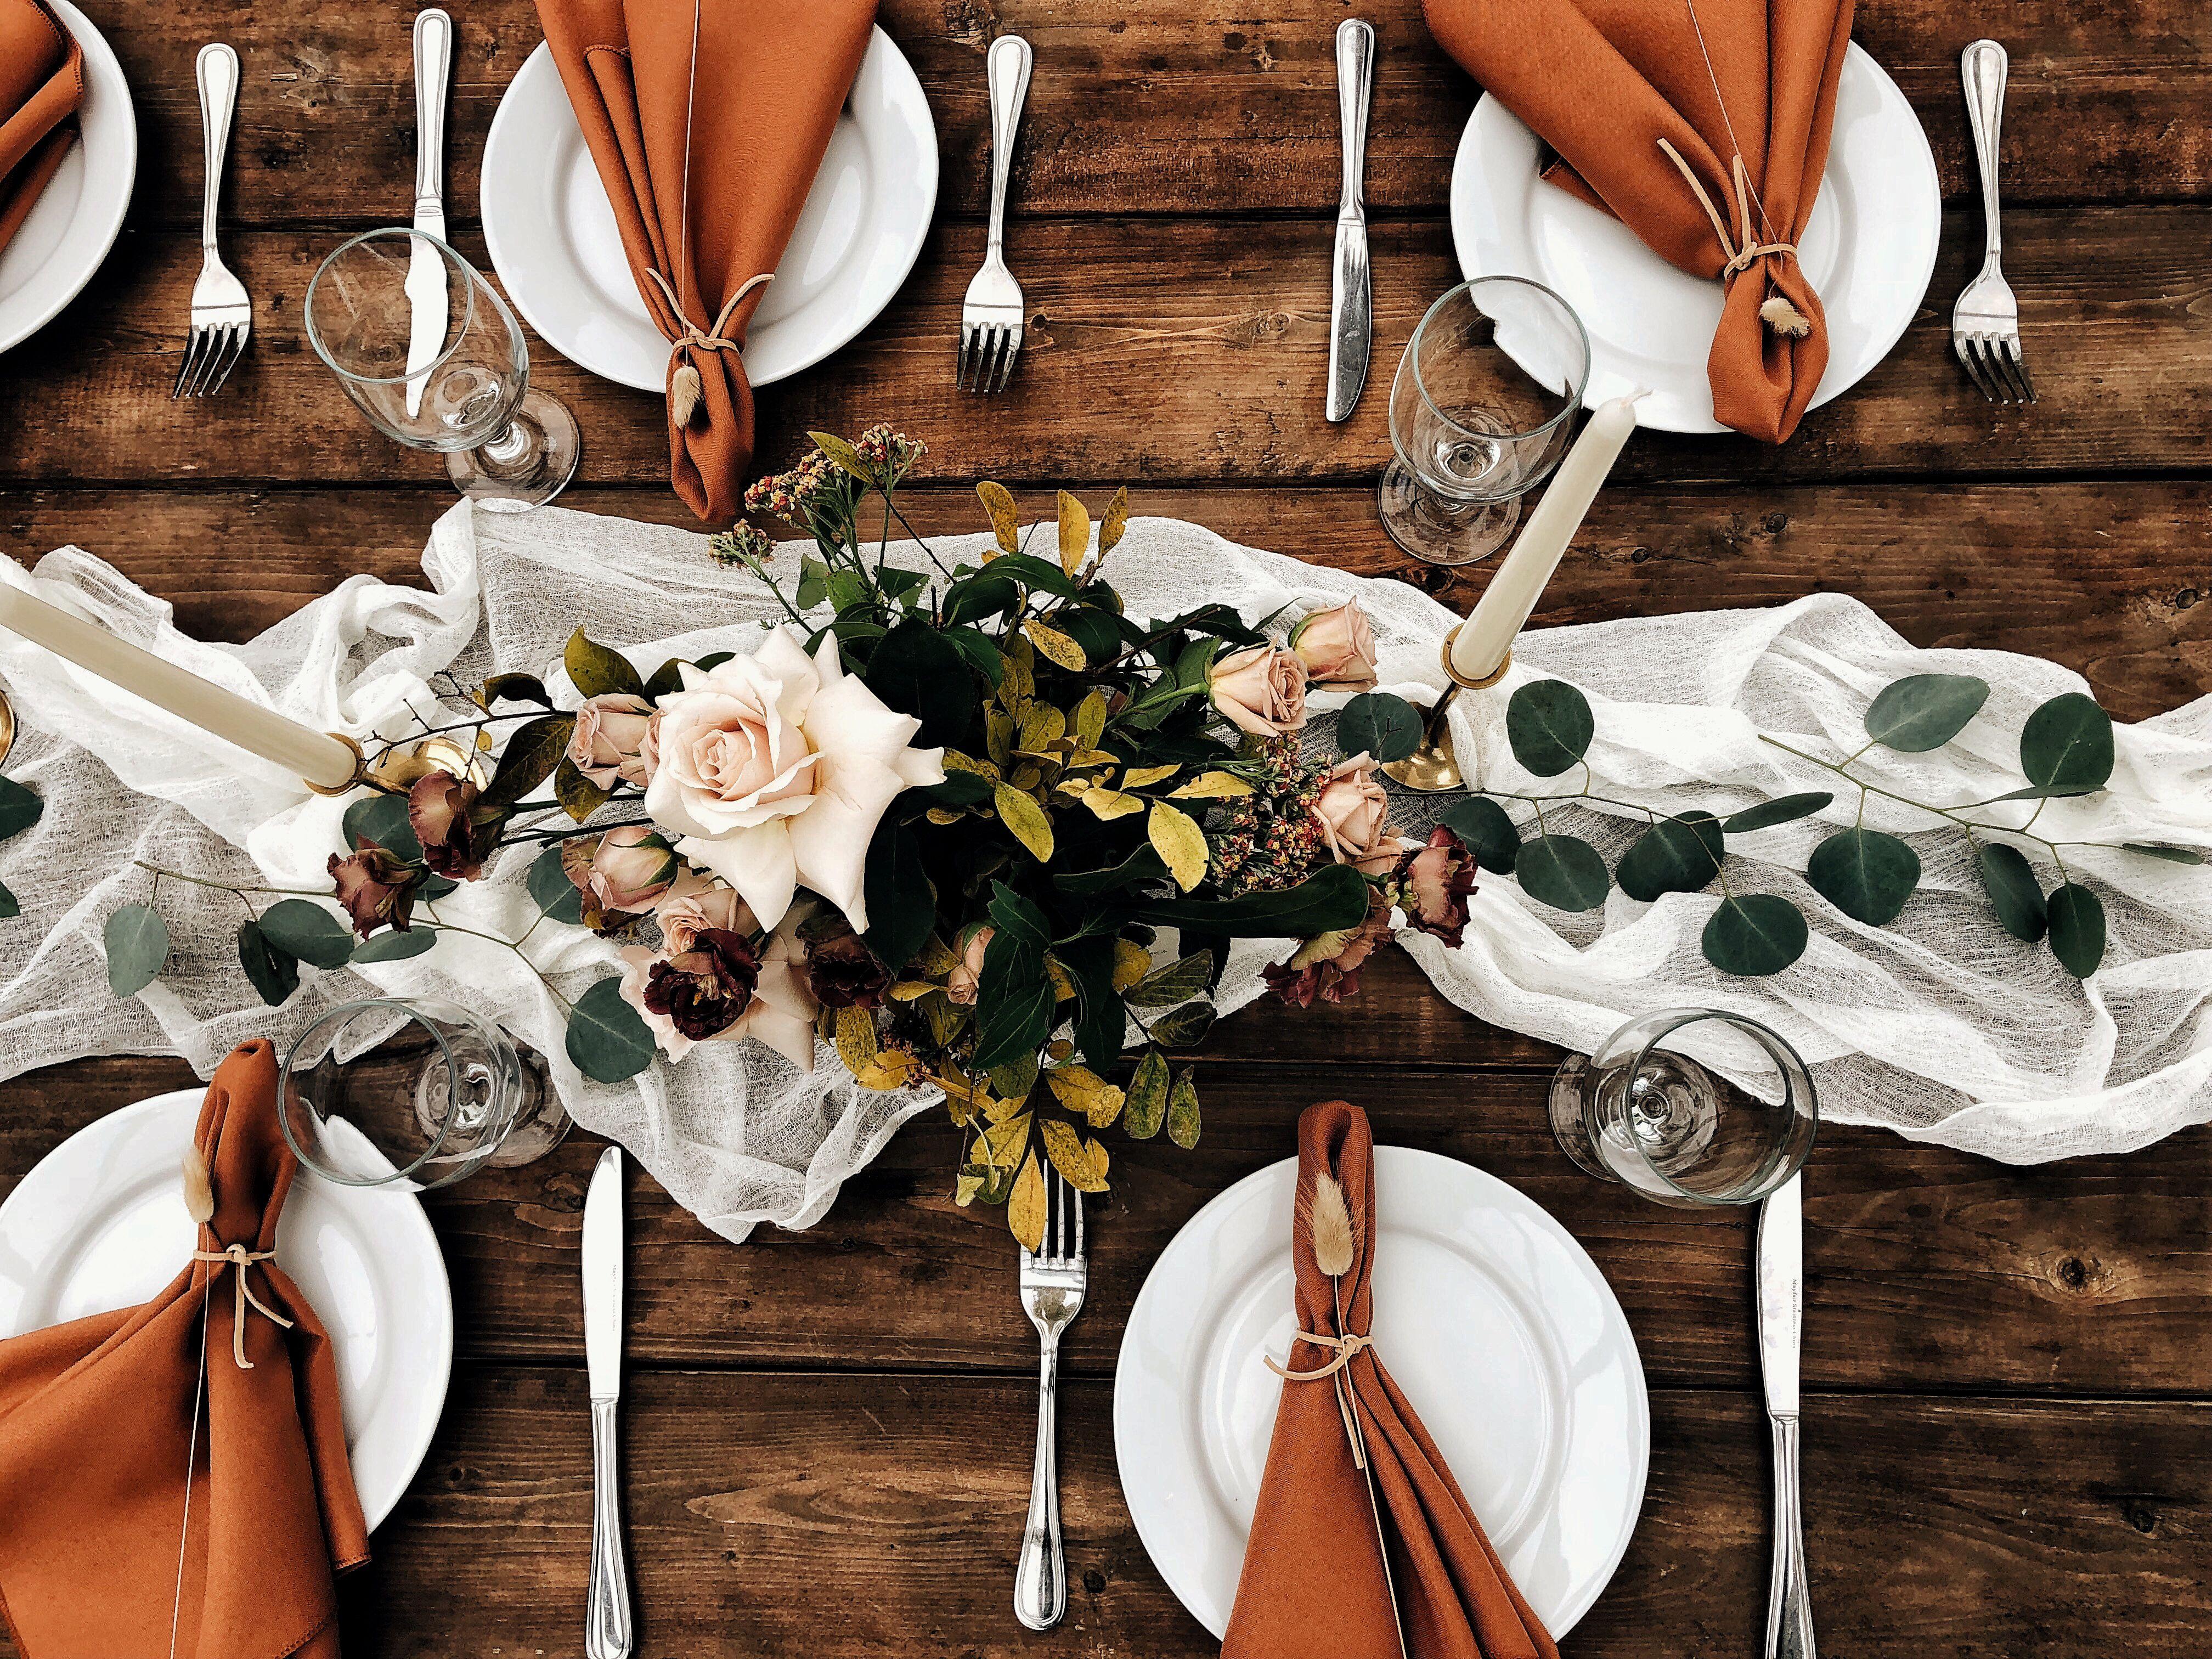 Terracotta Wedding Burnt Orange Weddings Wedding Table Settings Greenhouse Wedding